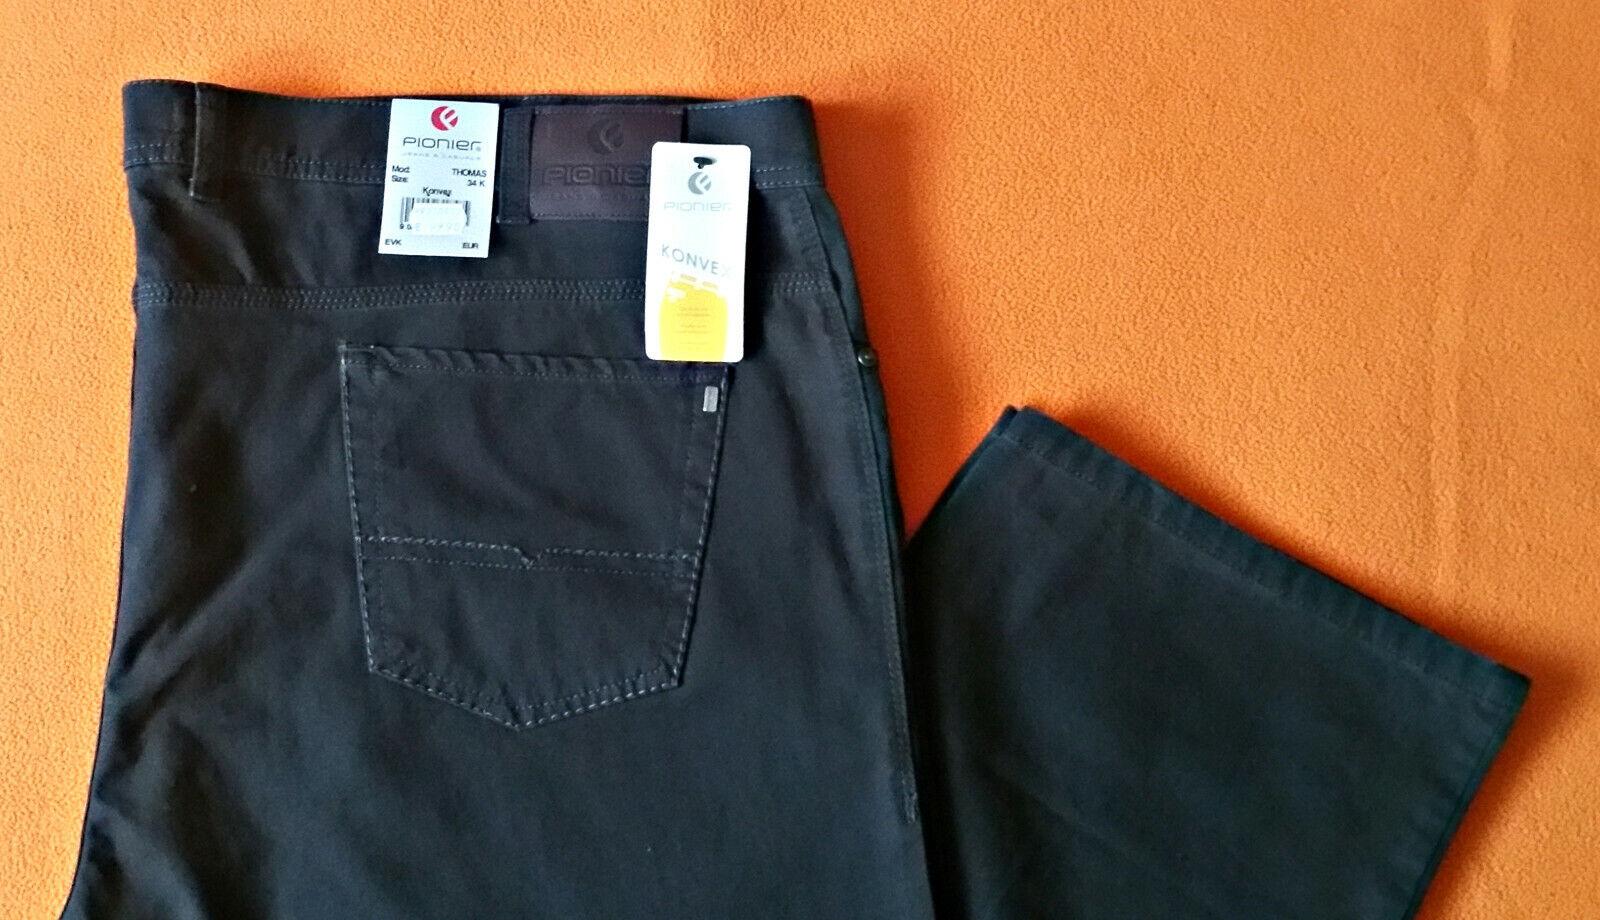 Pionier Jeans Modell Thomas Gr.34 Konvex Grau  | Qualitativ Hochwertiges Produkt  | Ausgewählte Materialien  | Neue Sorten werden eingeführt